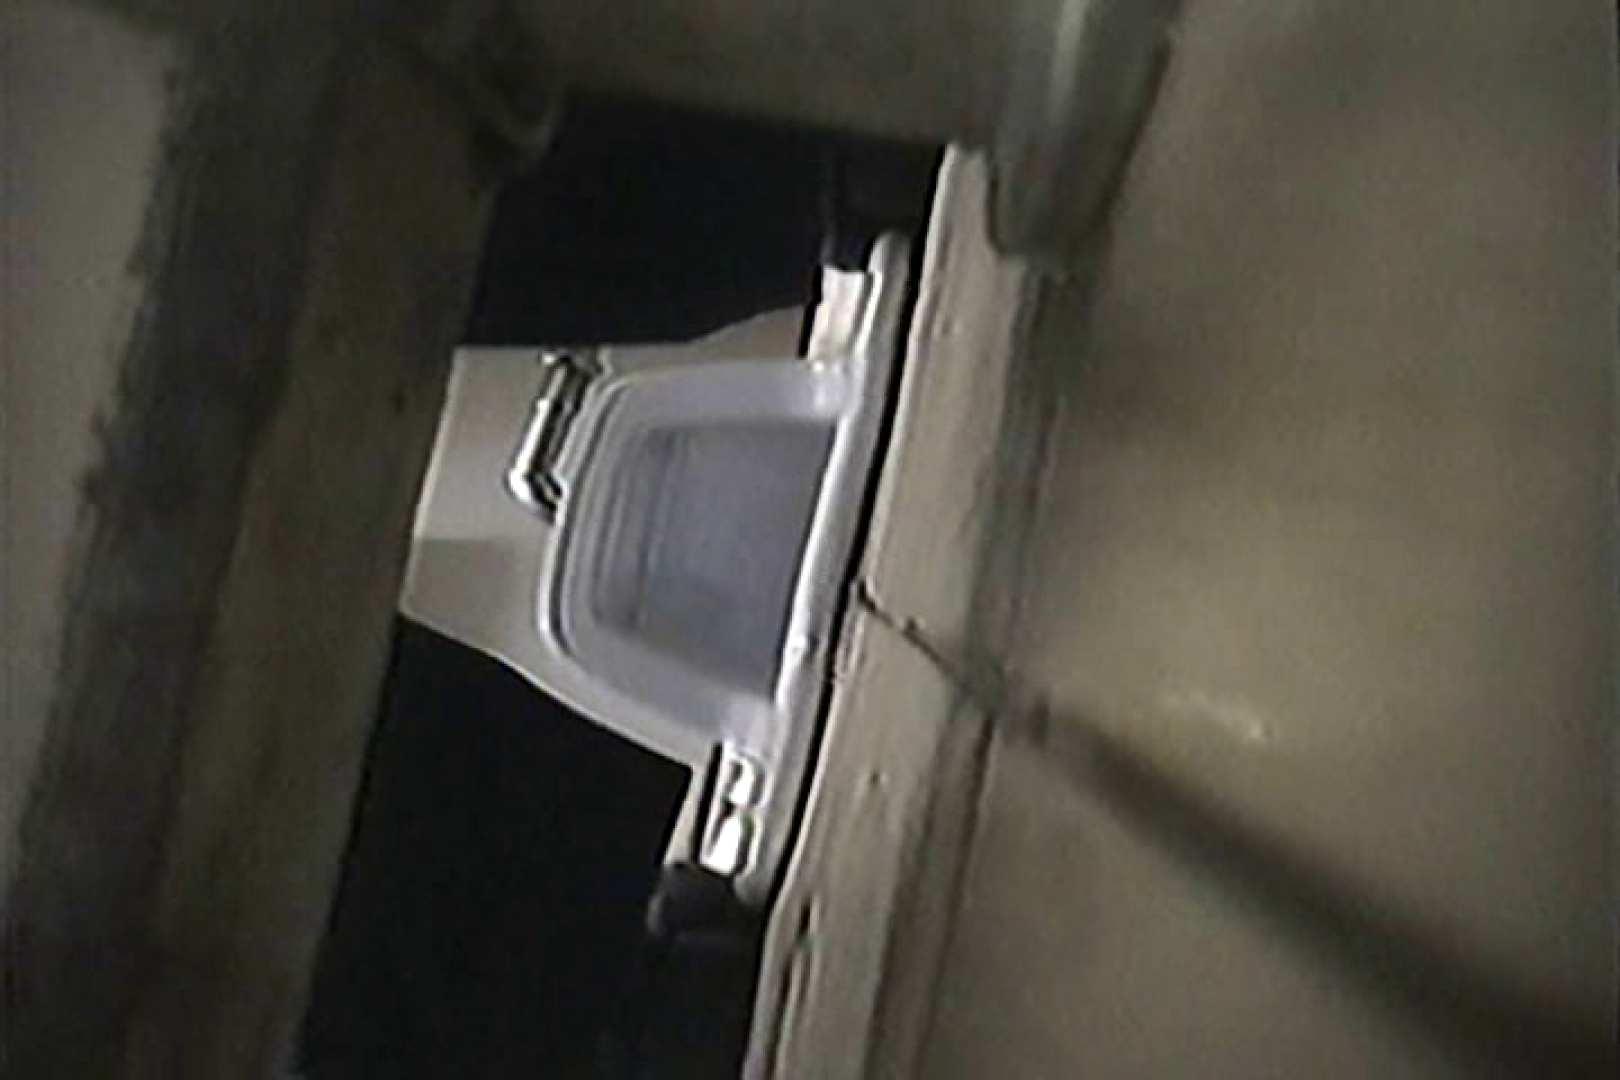 ファミレス洗面所No1 生おまんこ 隠し撮りオマンコ動画紹介 71PICs 42